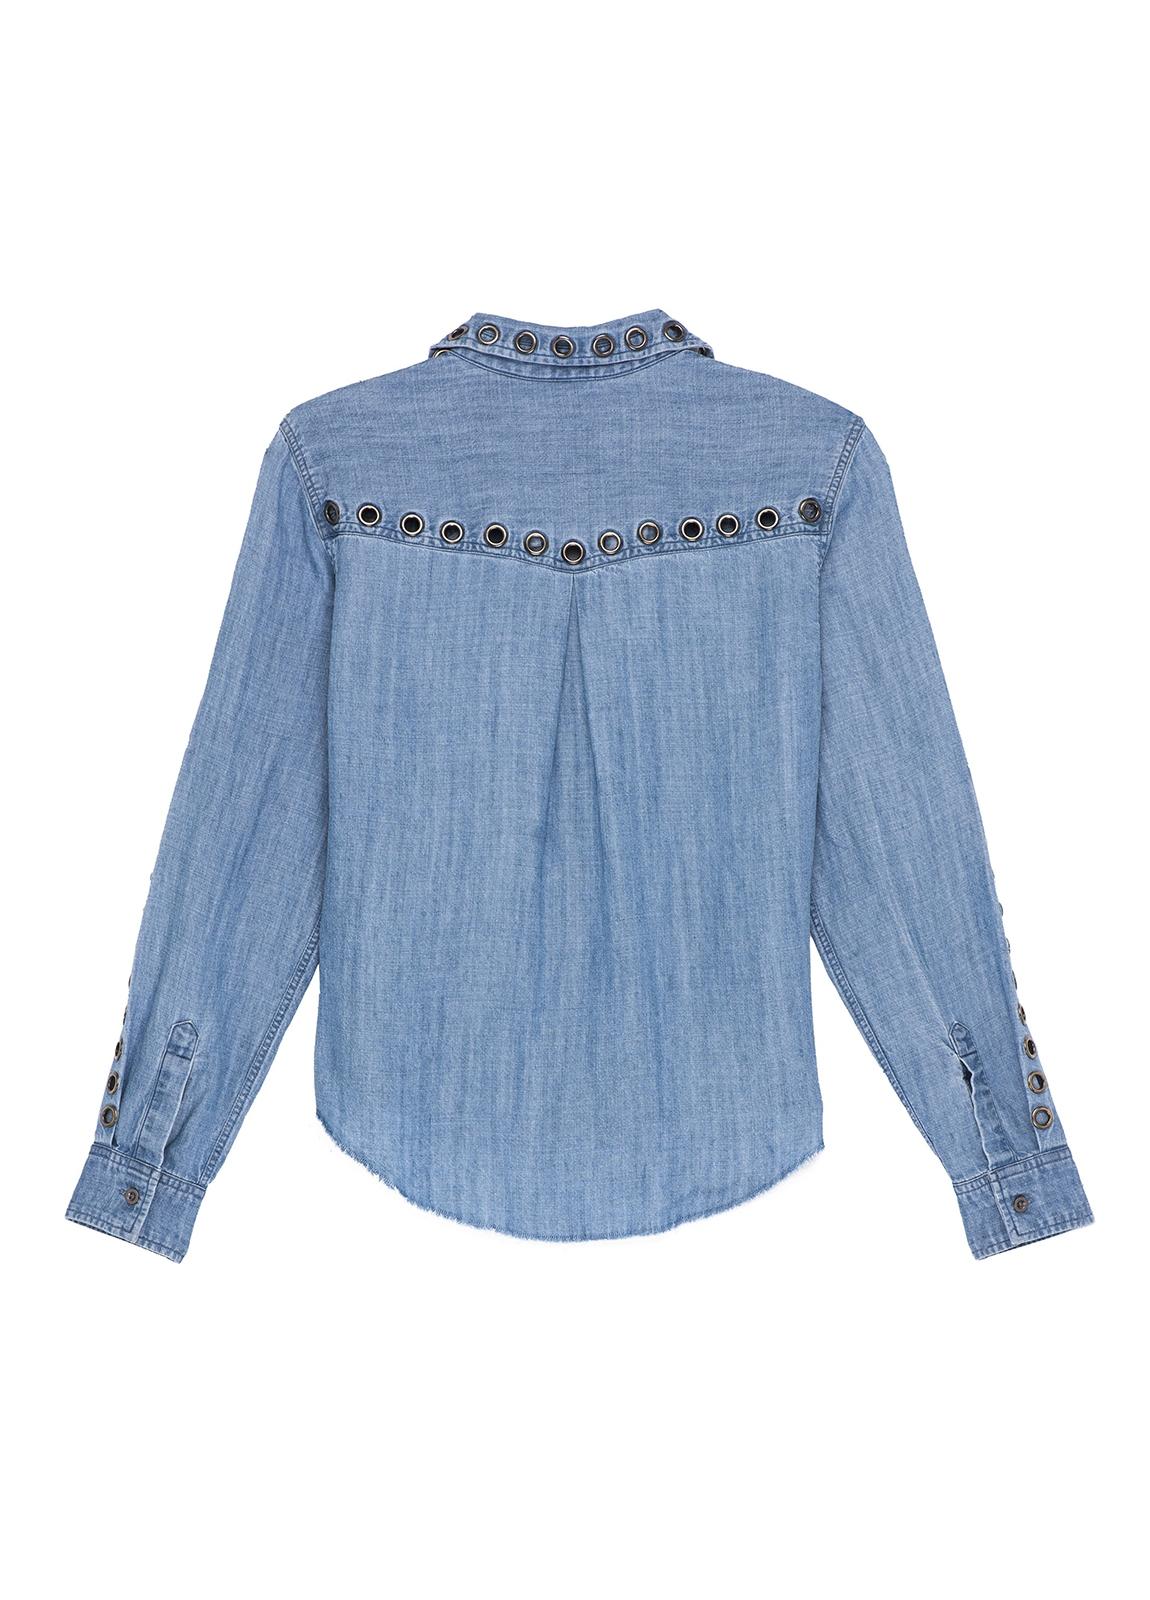 Camisa woman manga larga, color azul denim con detalle ojales de metal en mangas y cuello. 70% tencel 30% lino. - Ítem2